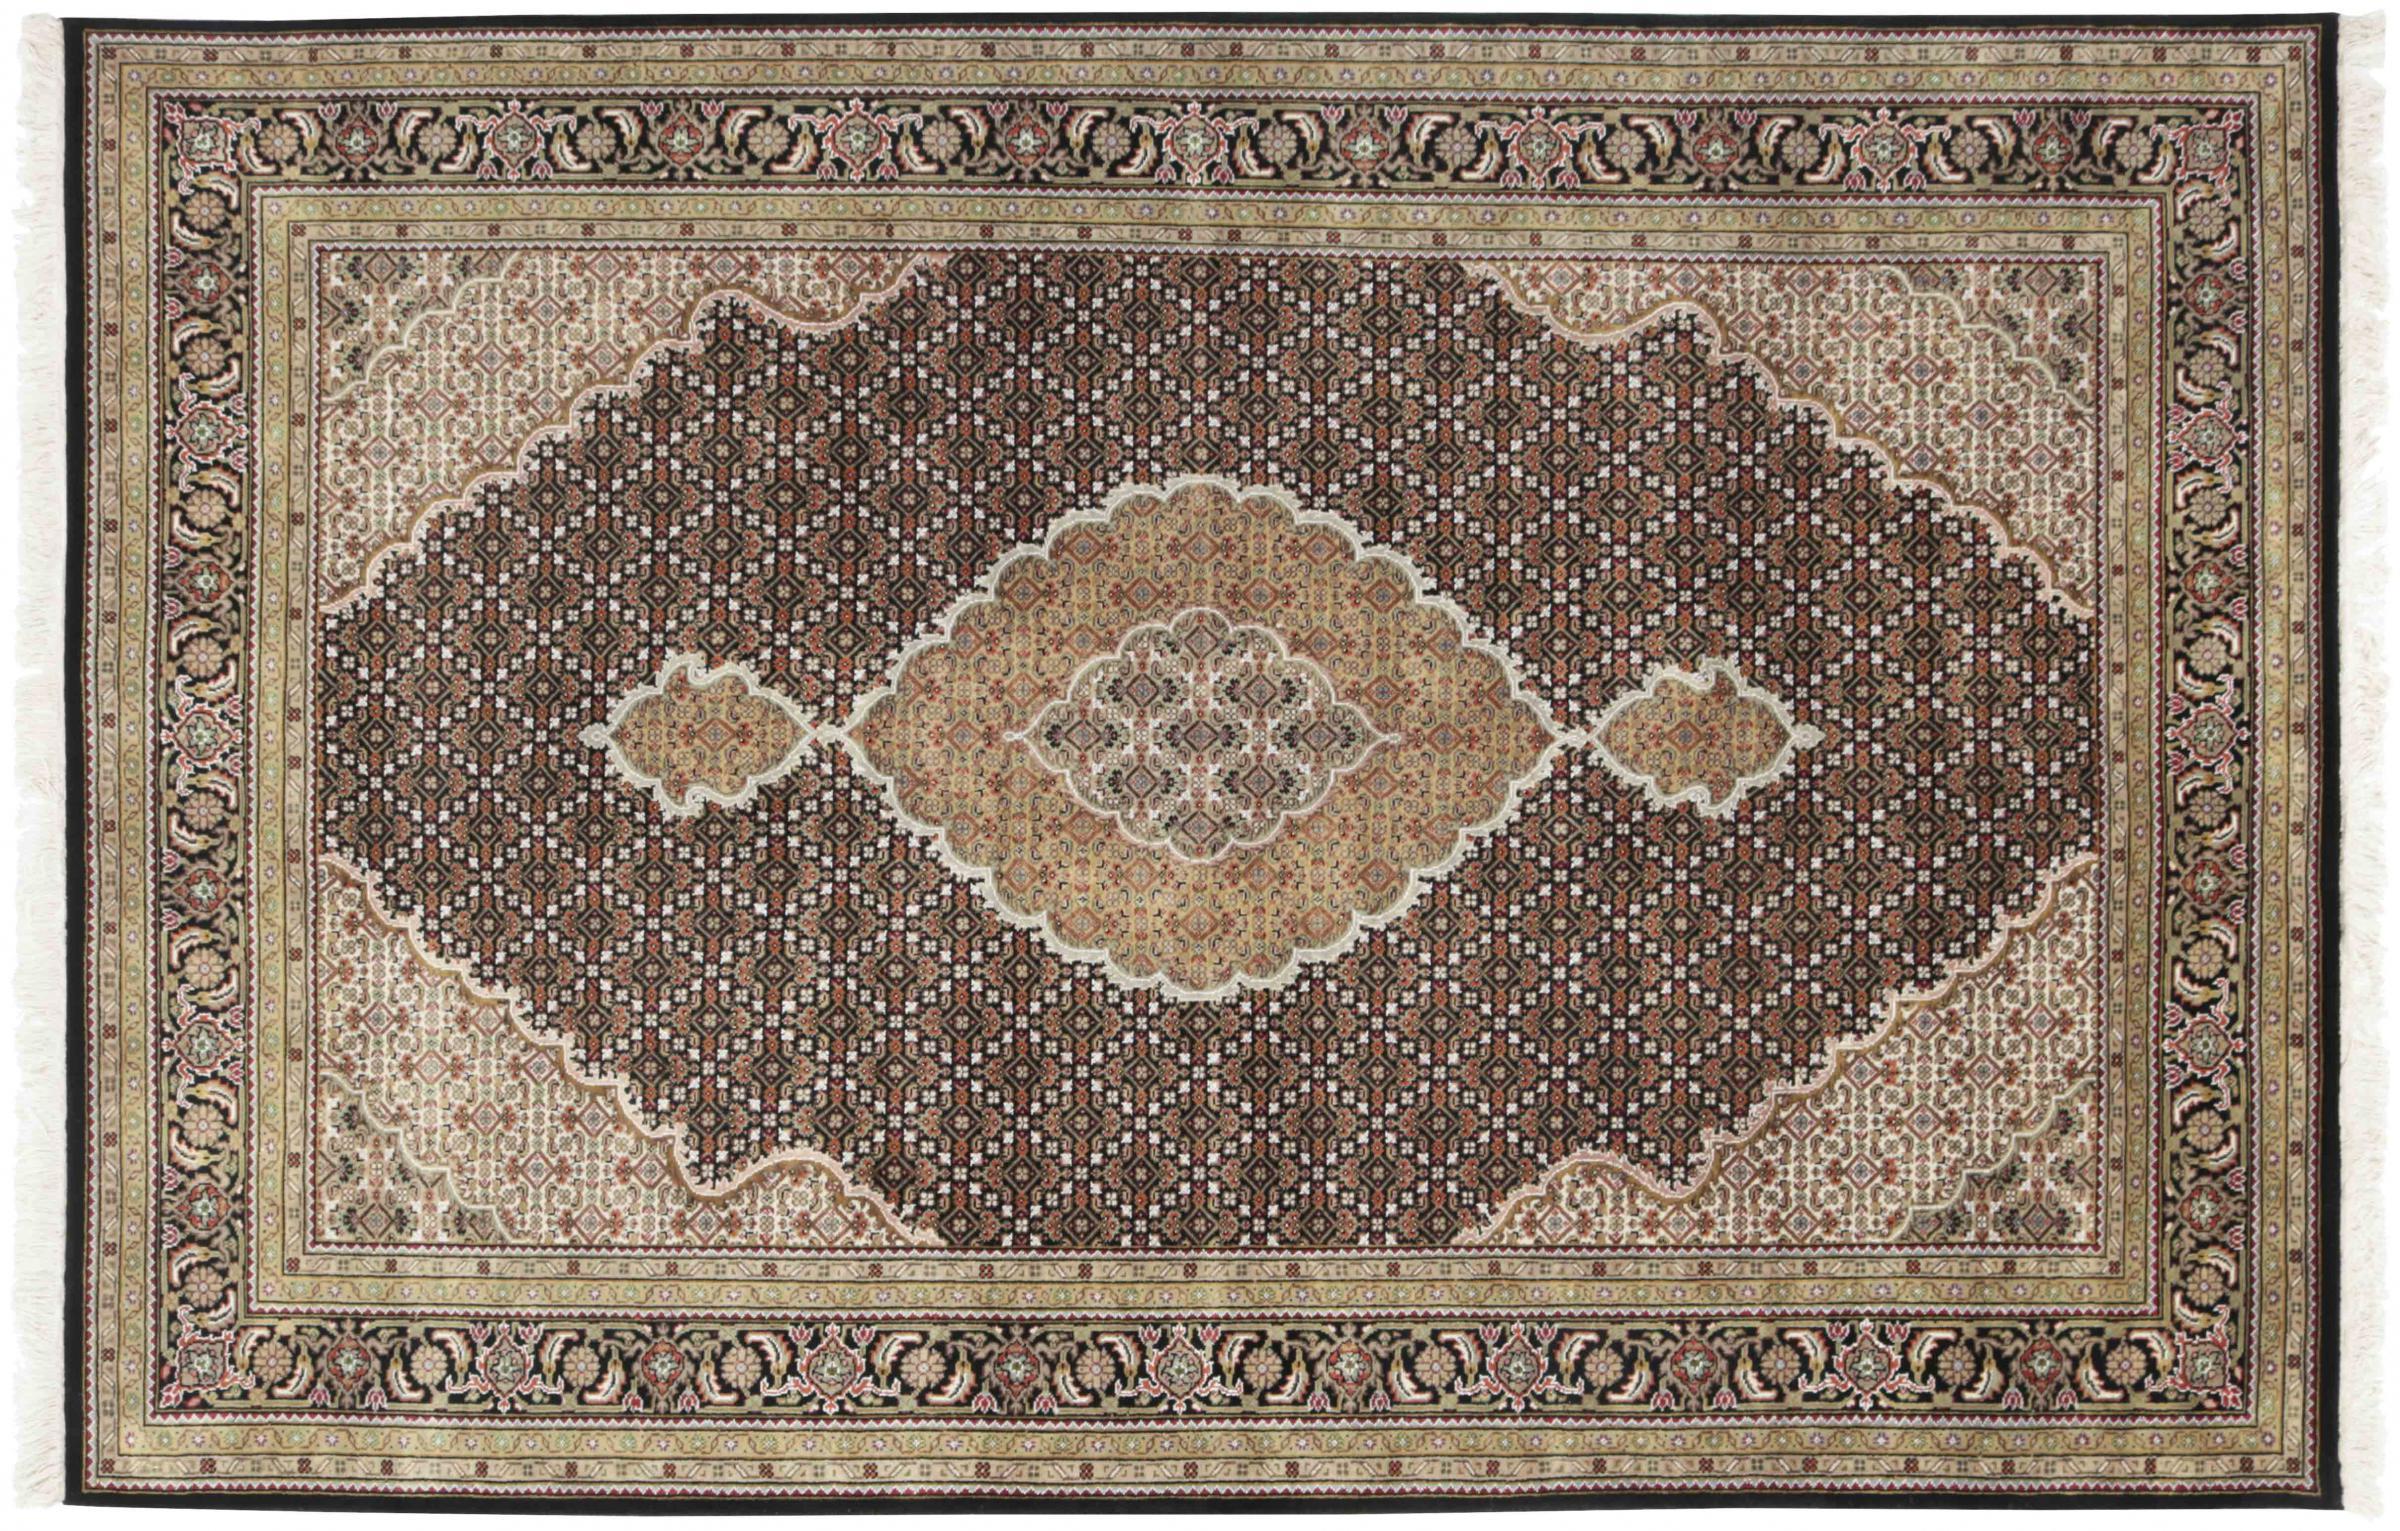 indo t briz indischer teppich 304x199 id32091 kaufen sie ihren orientteppich i 300x200 bei. Black Bedroom Furniture Sets. Home Design Ideas